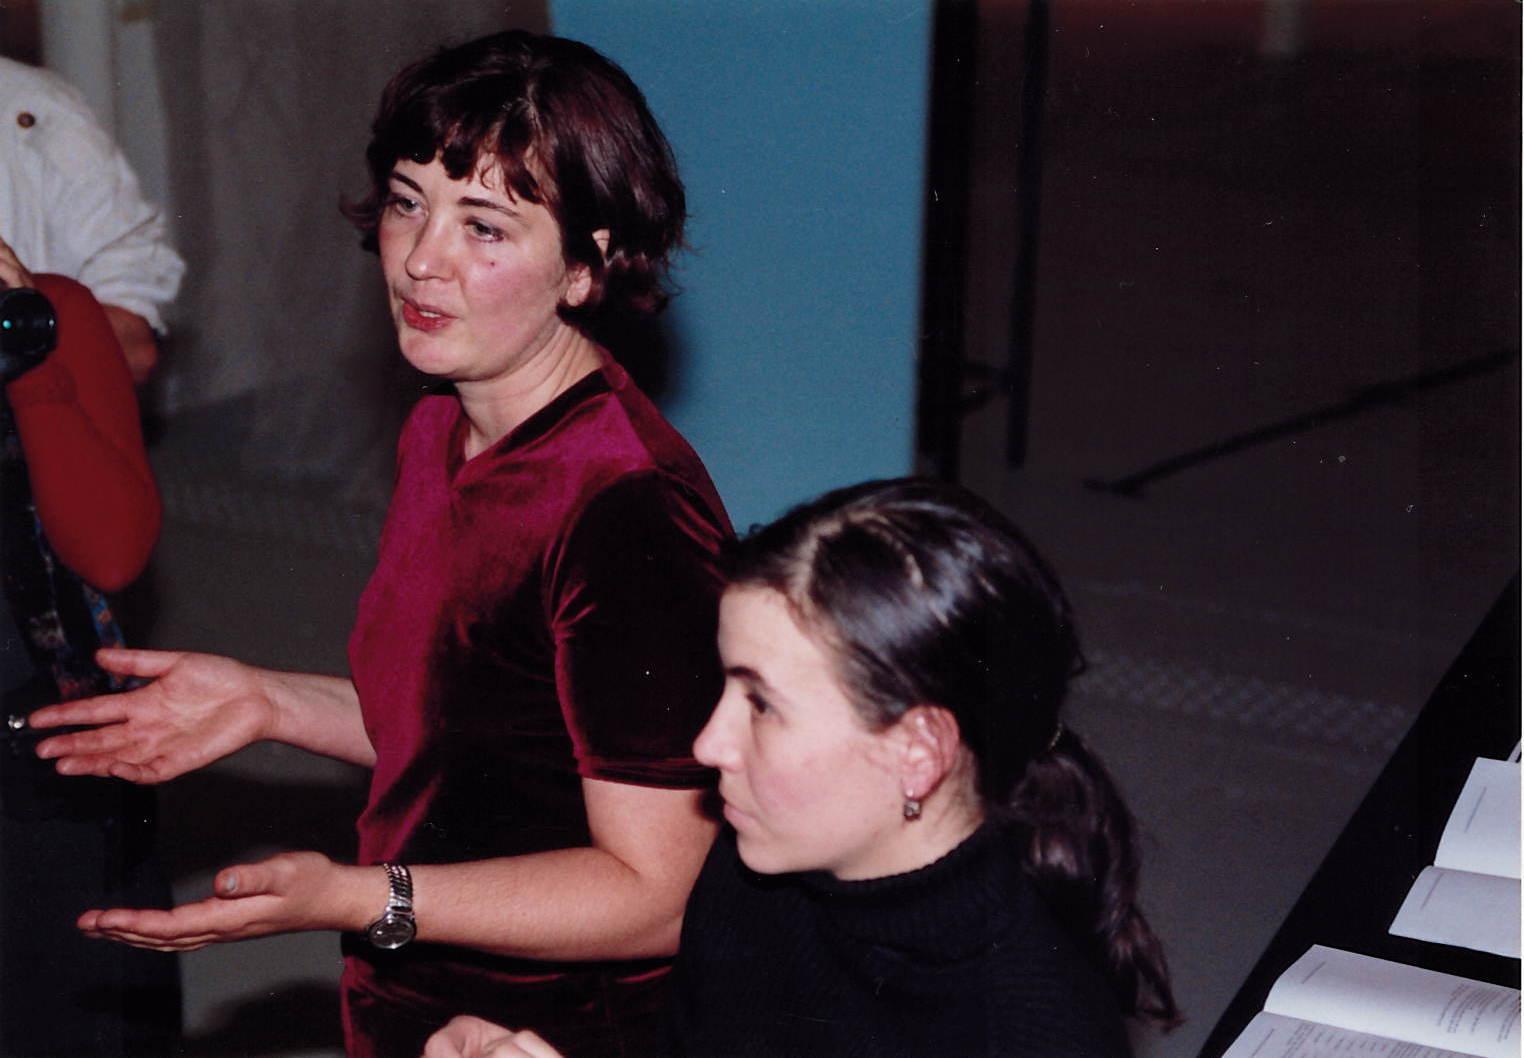 Shedhalle – Obituary: Marion von Osten